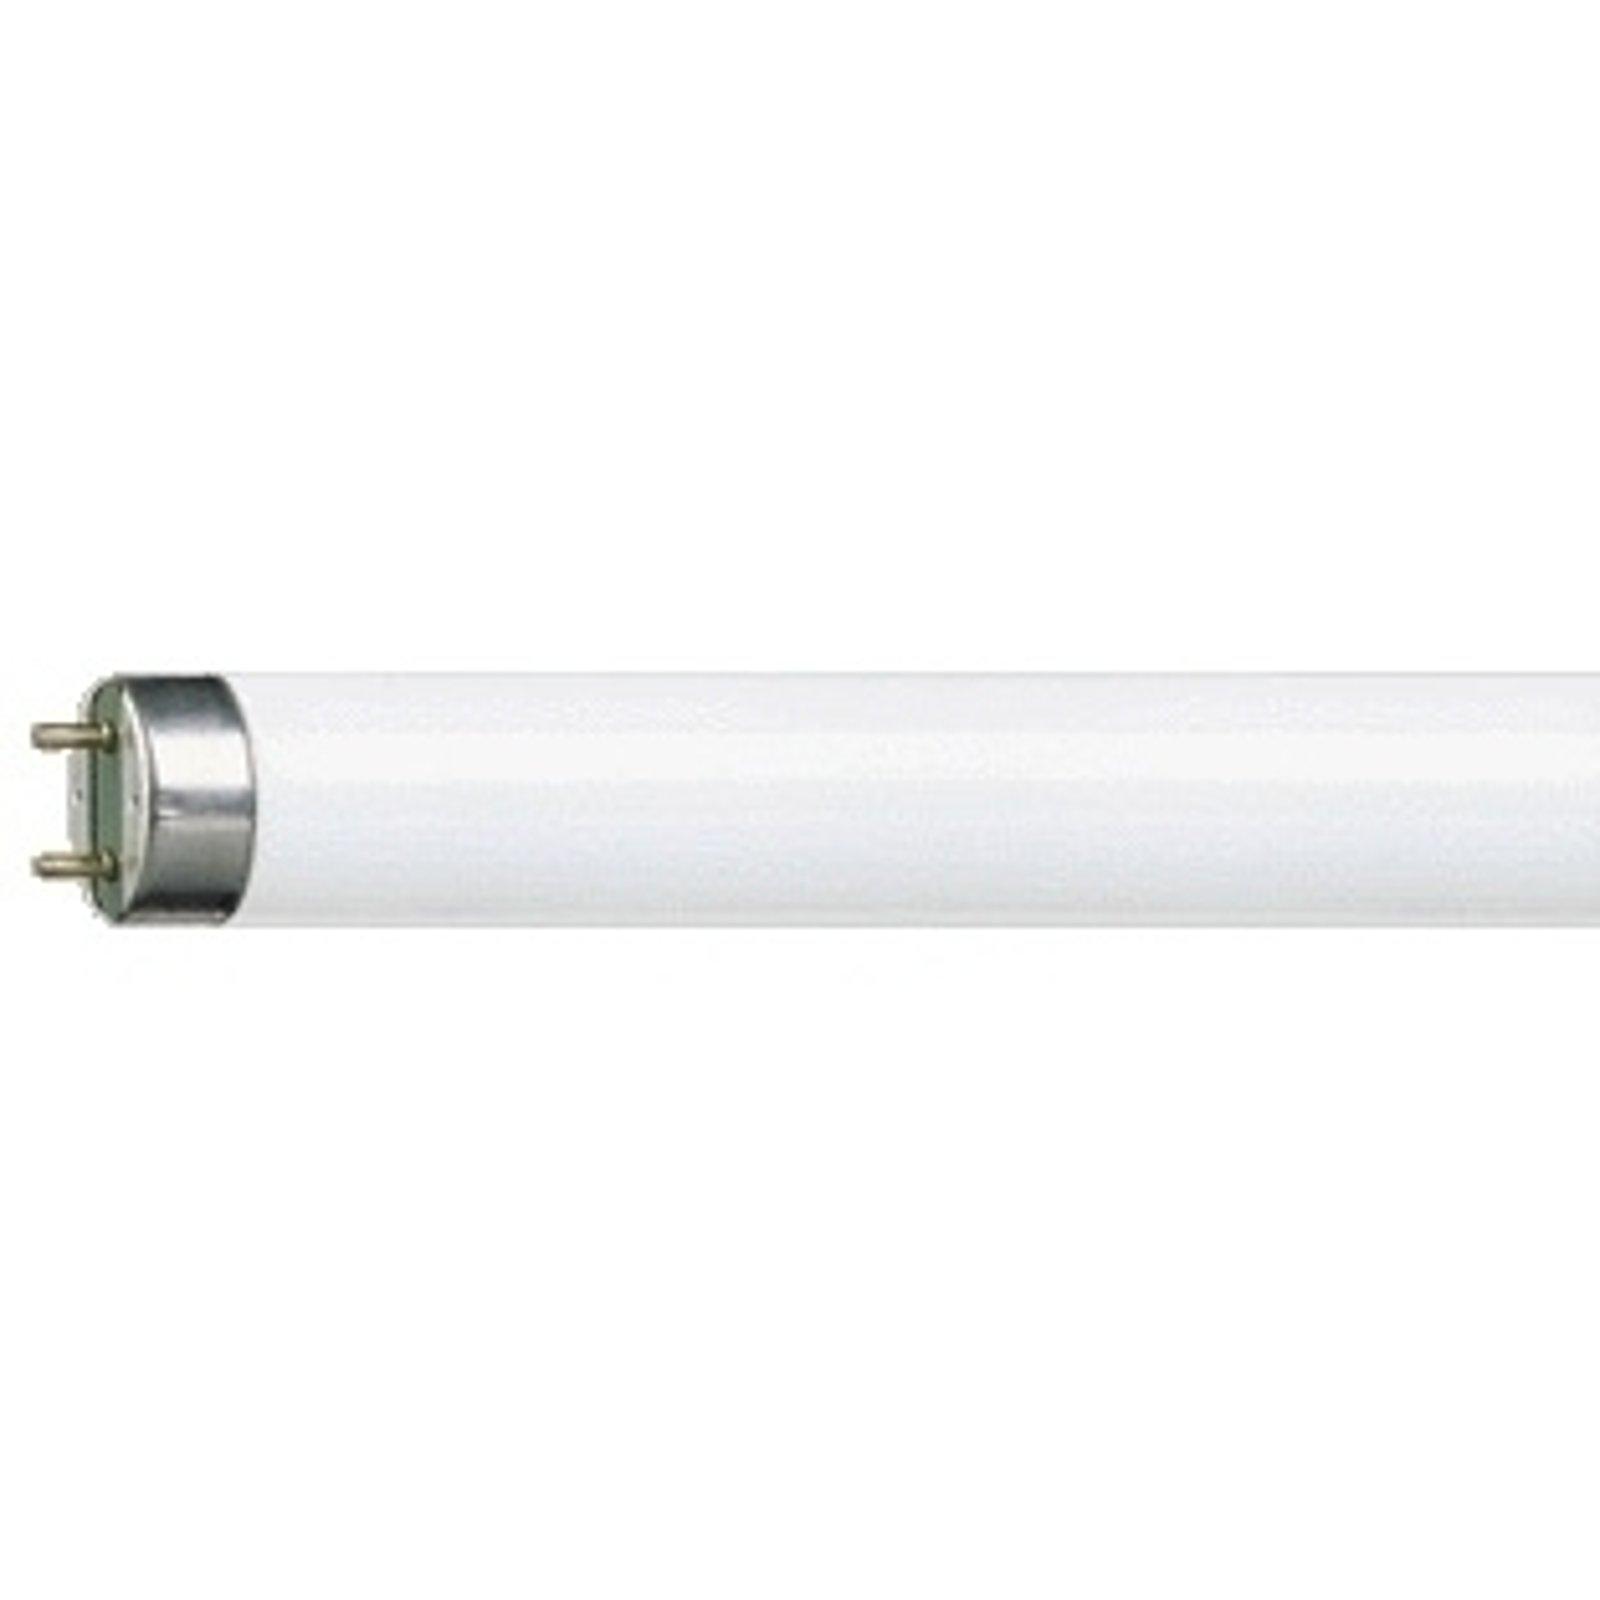 G13 T8-lyspære MASTER TL-D Super 58W/830